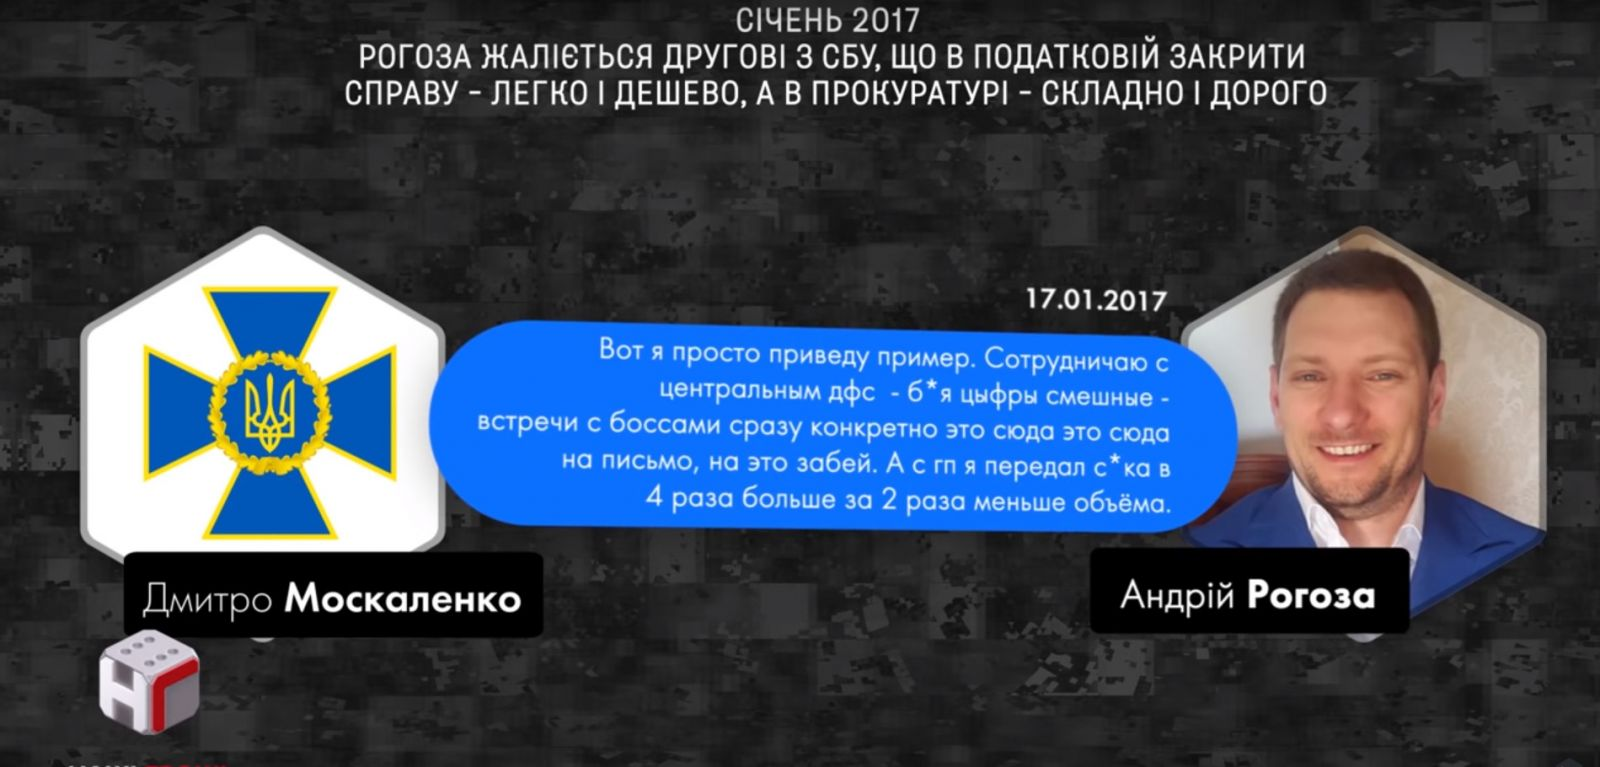 Переписка между Рогозой и Москаленко, скриншот: Bihus.info